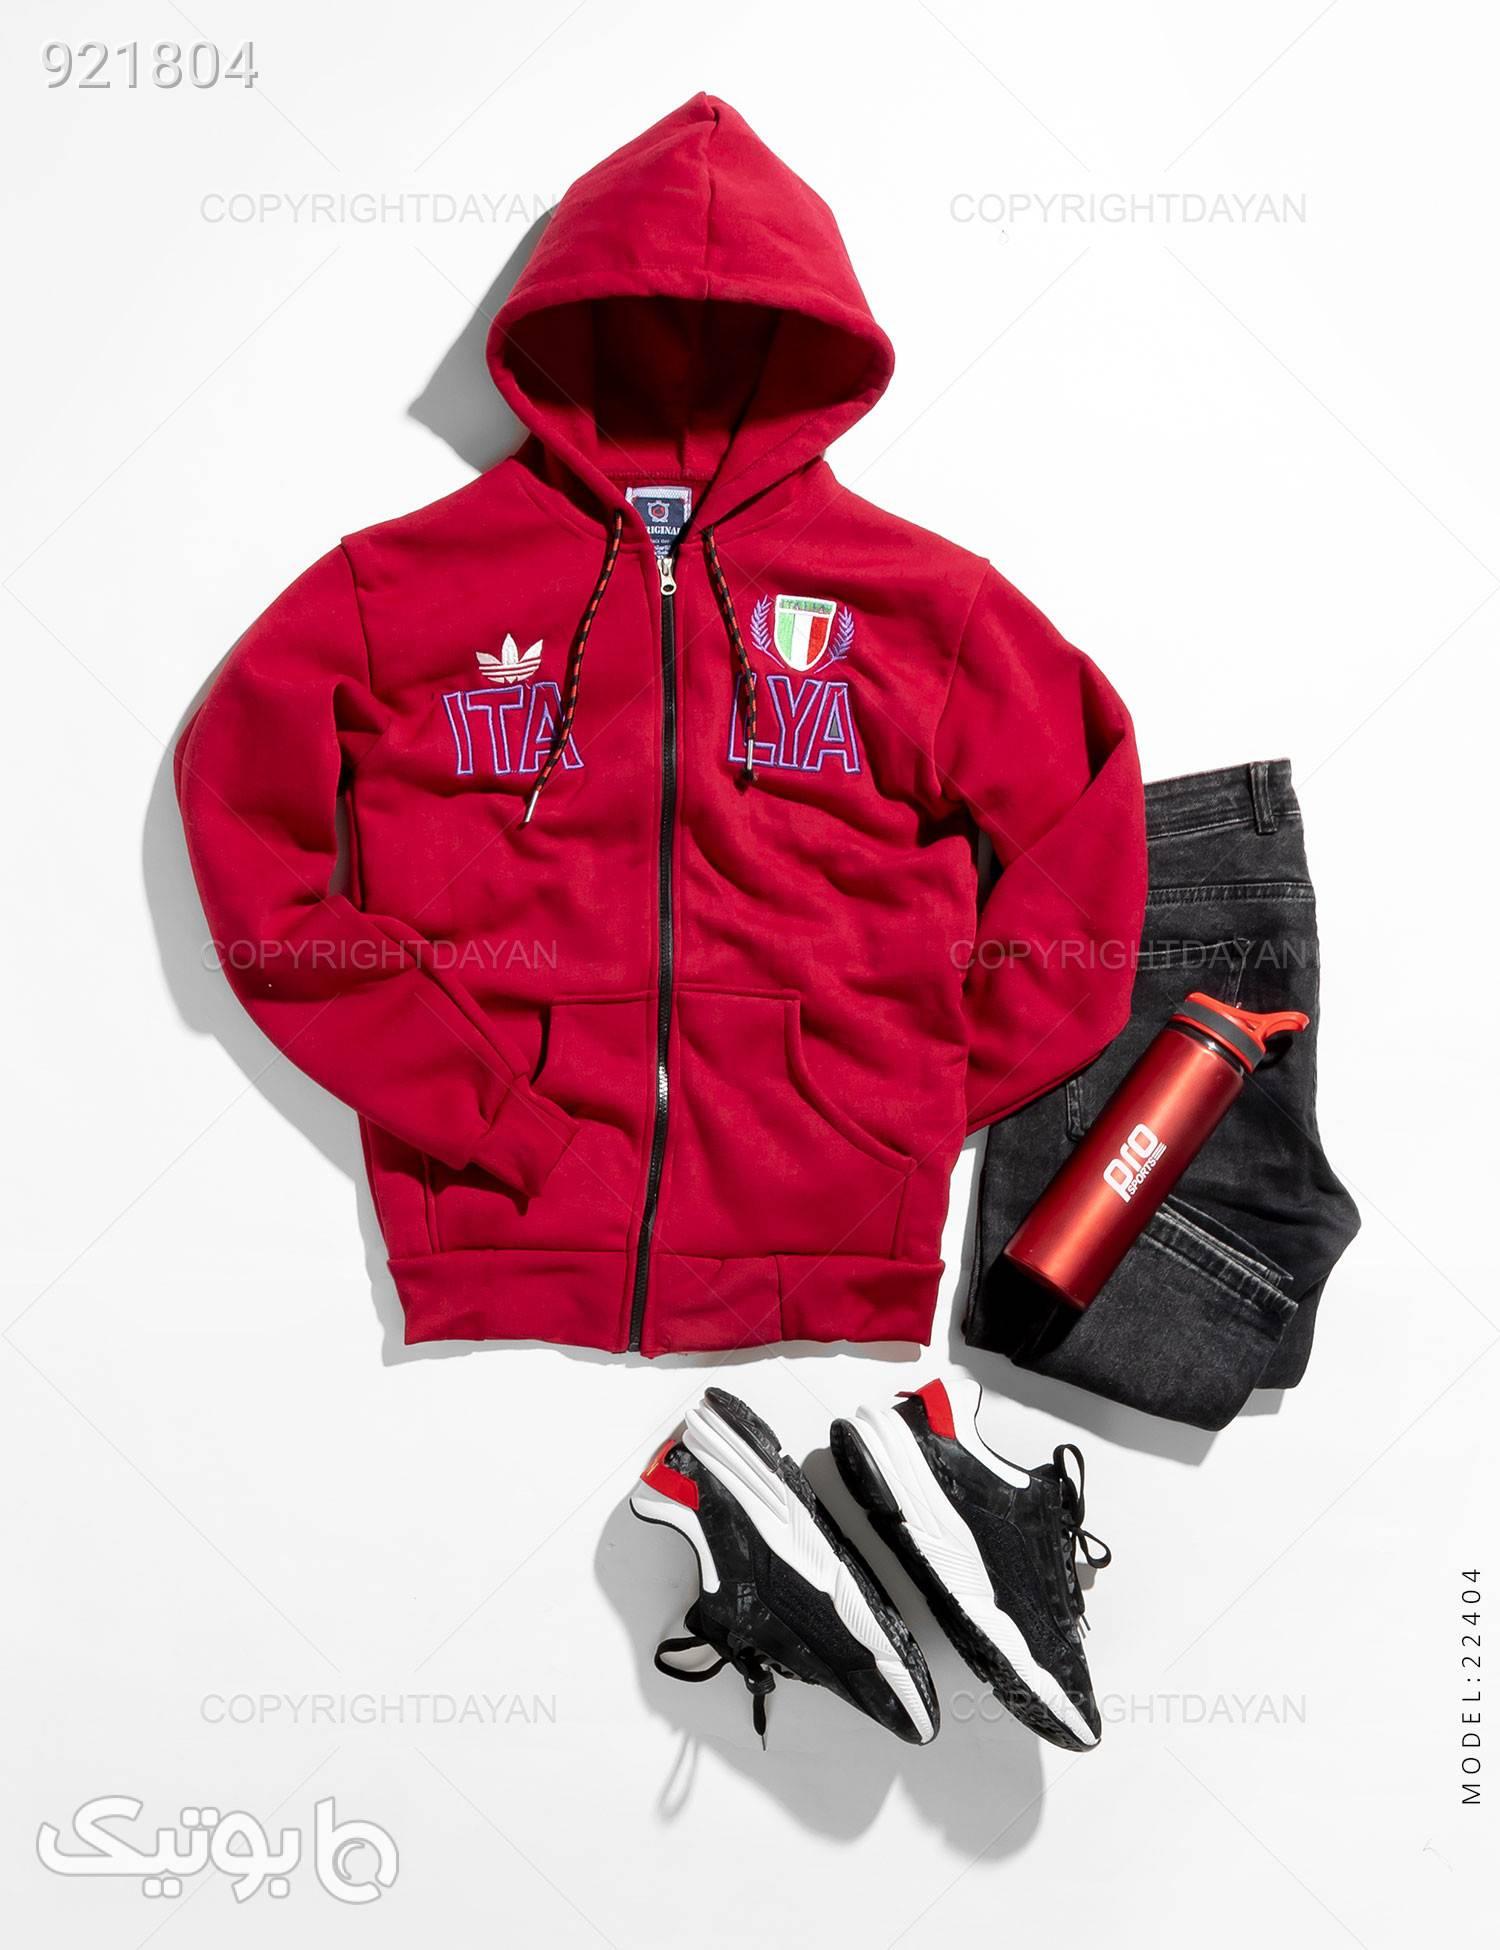 سویشرت مردانه Adidas مدل 22404 قرمز سوئیشرت و هودی مردانه